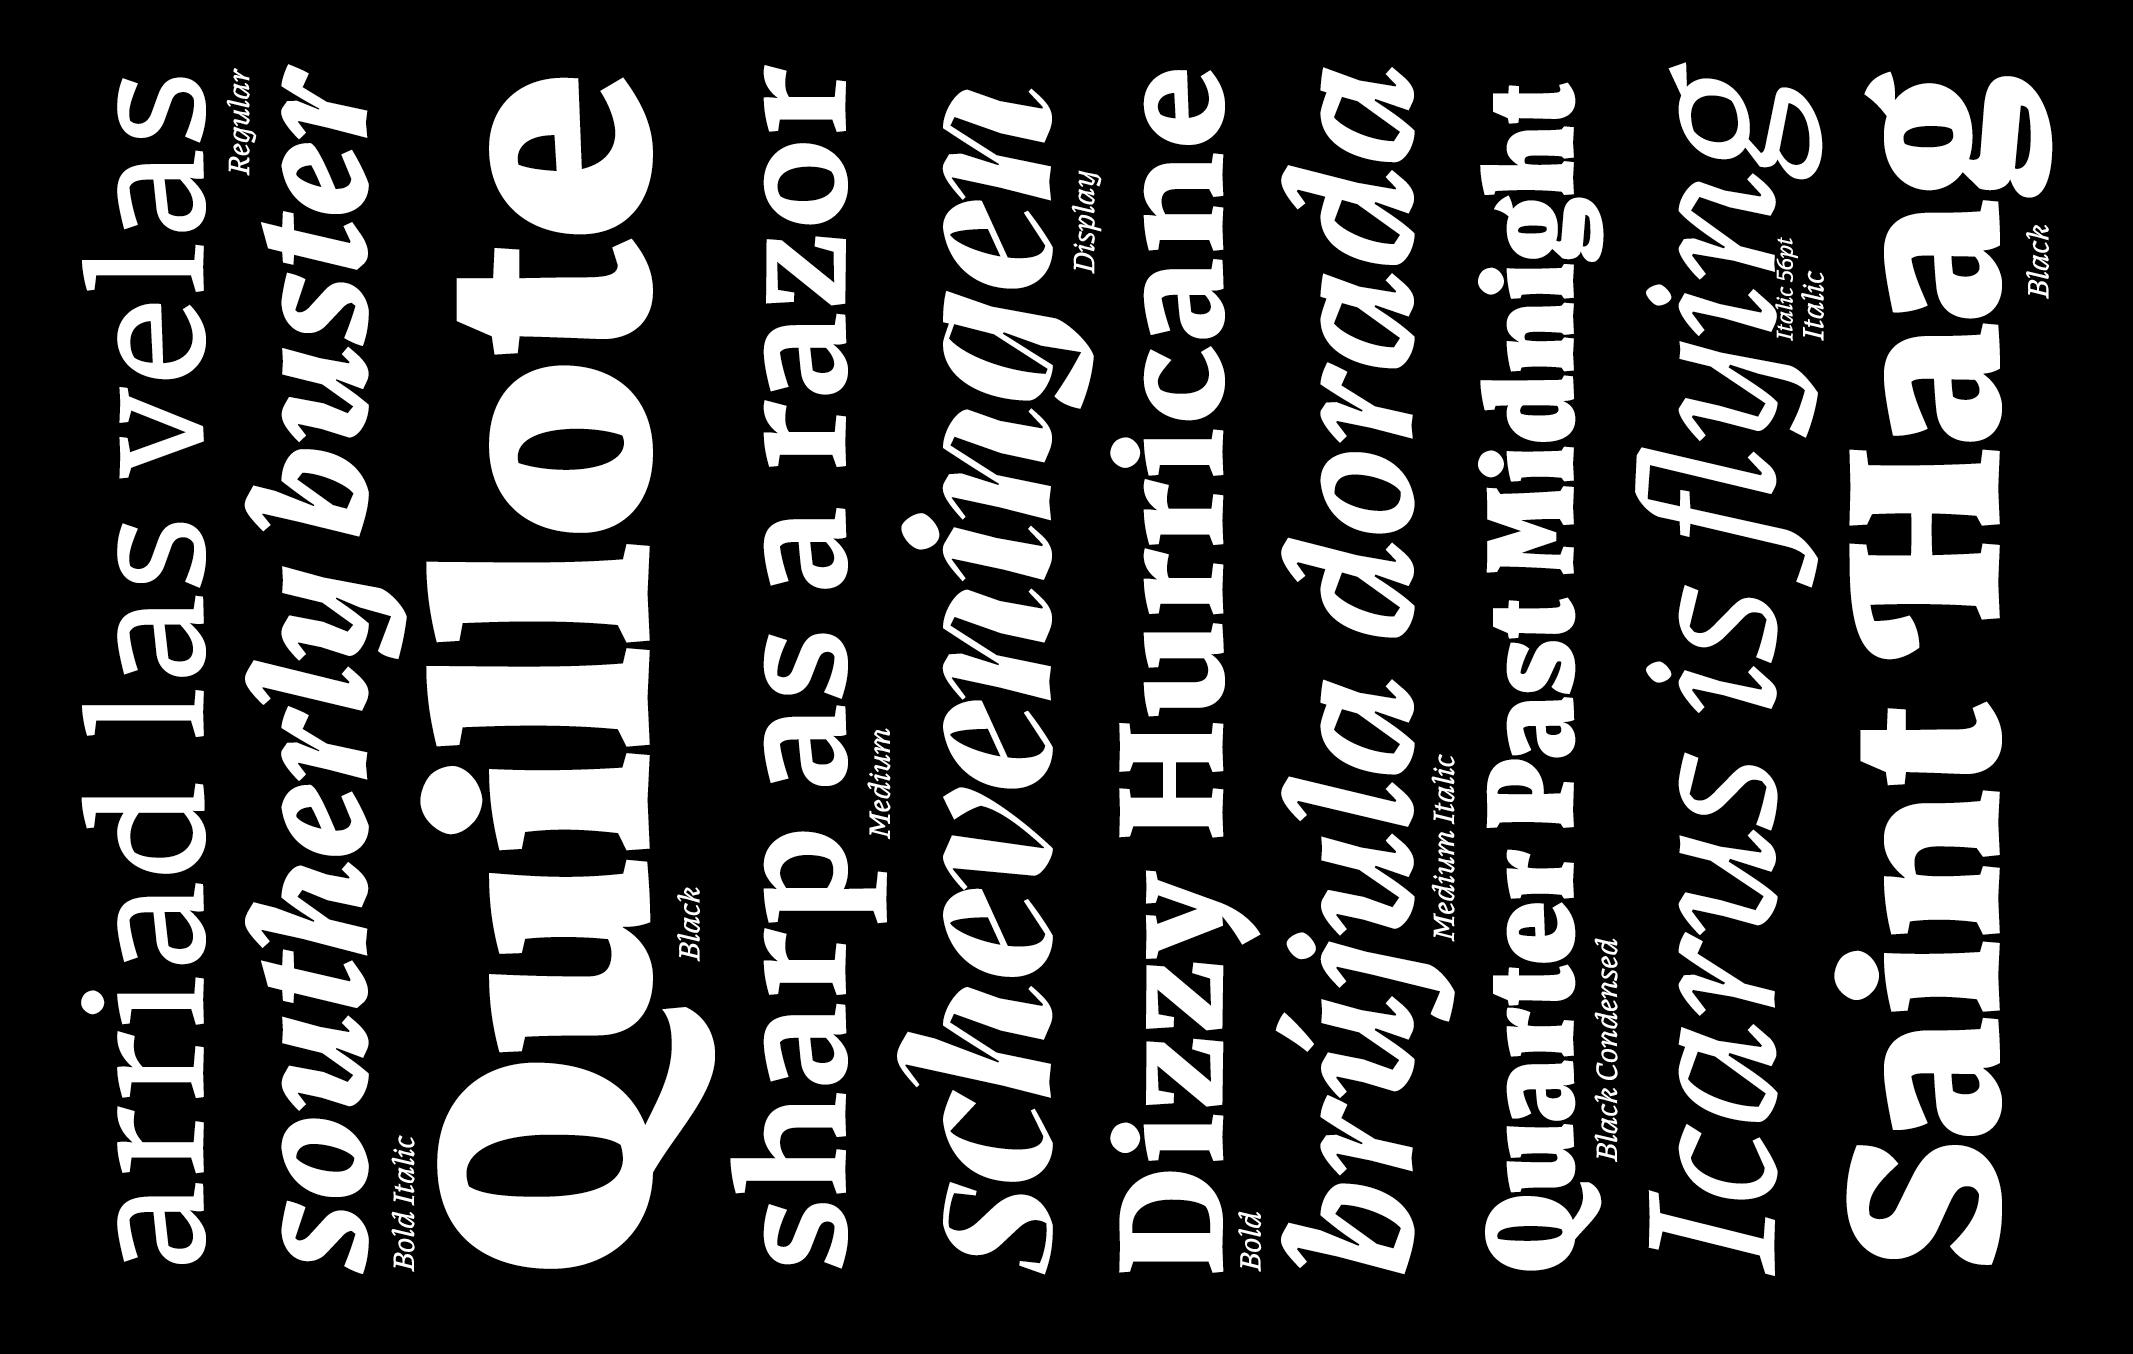 Carlos_de_Toro_Type_Design32-1 (2)